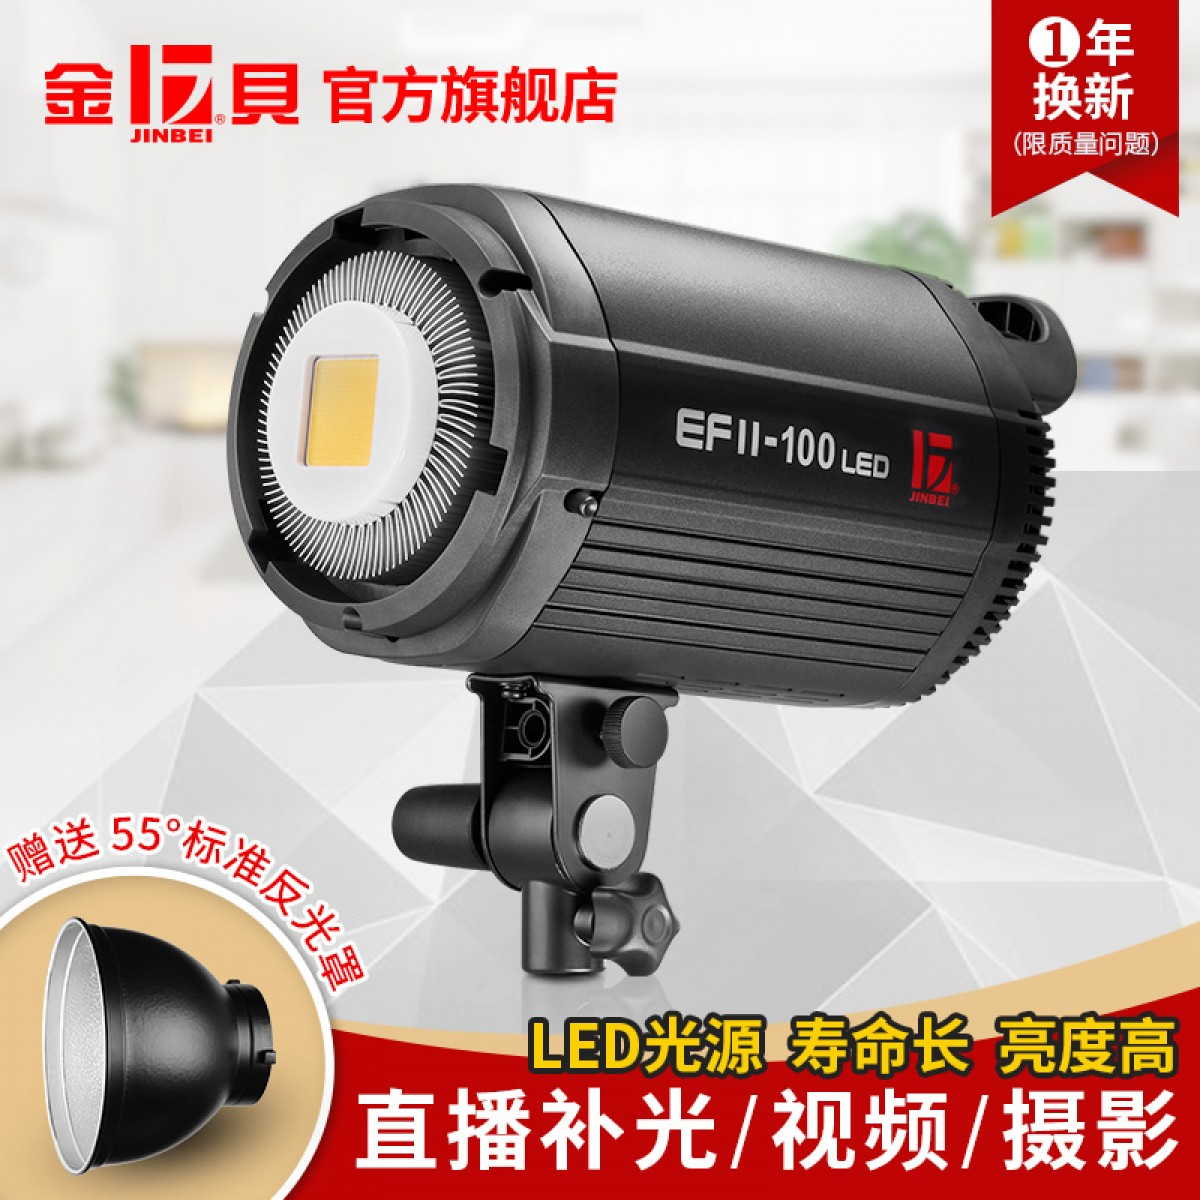 金贝EFII100摄影灯视频直播灯LED常亮灯人像儿童产品柔光灯拍照灯补光灯摄像灯